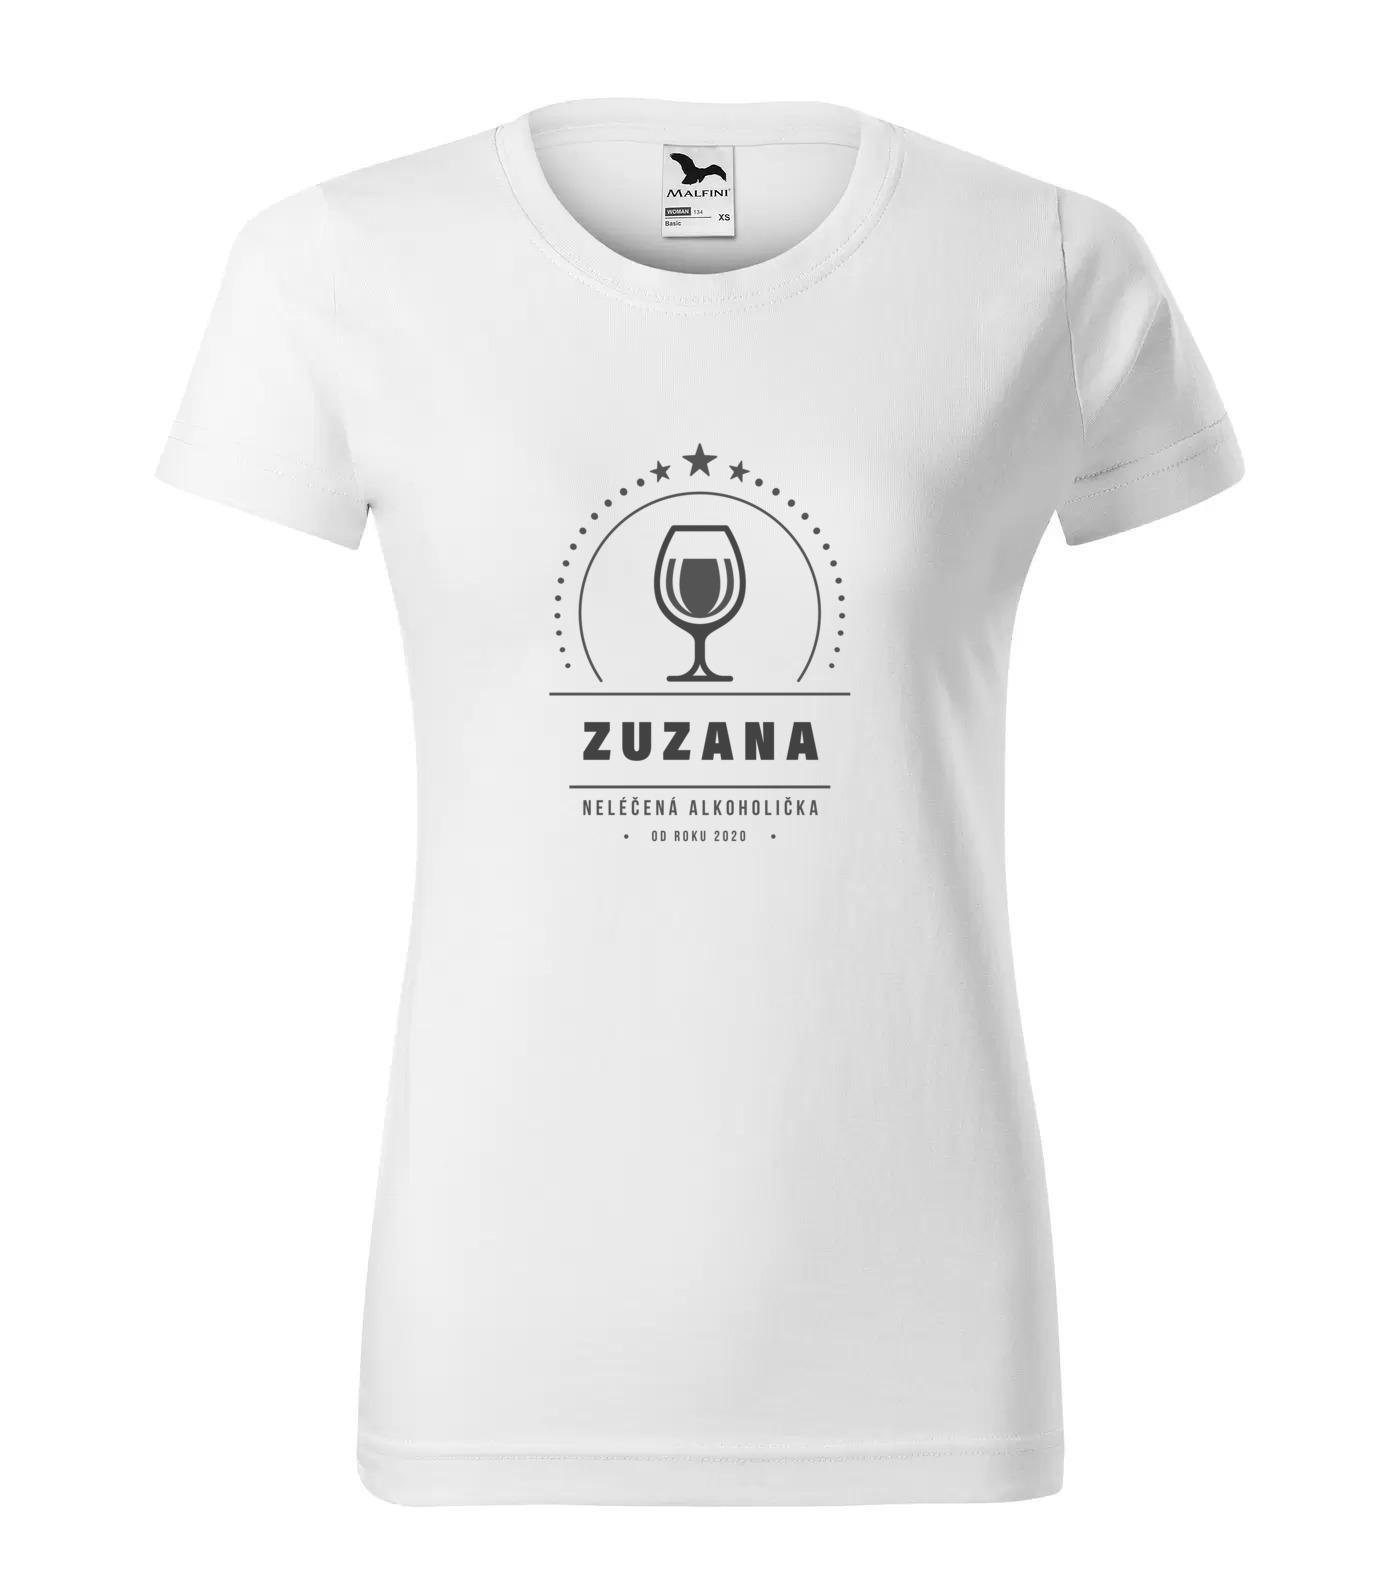 Tričko Alkoholička Zuzana